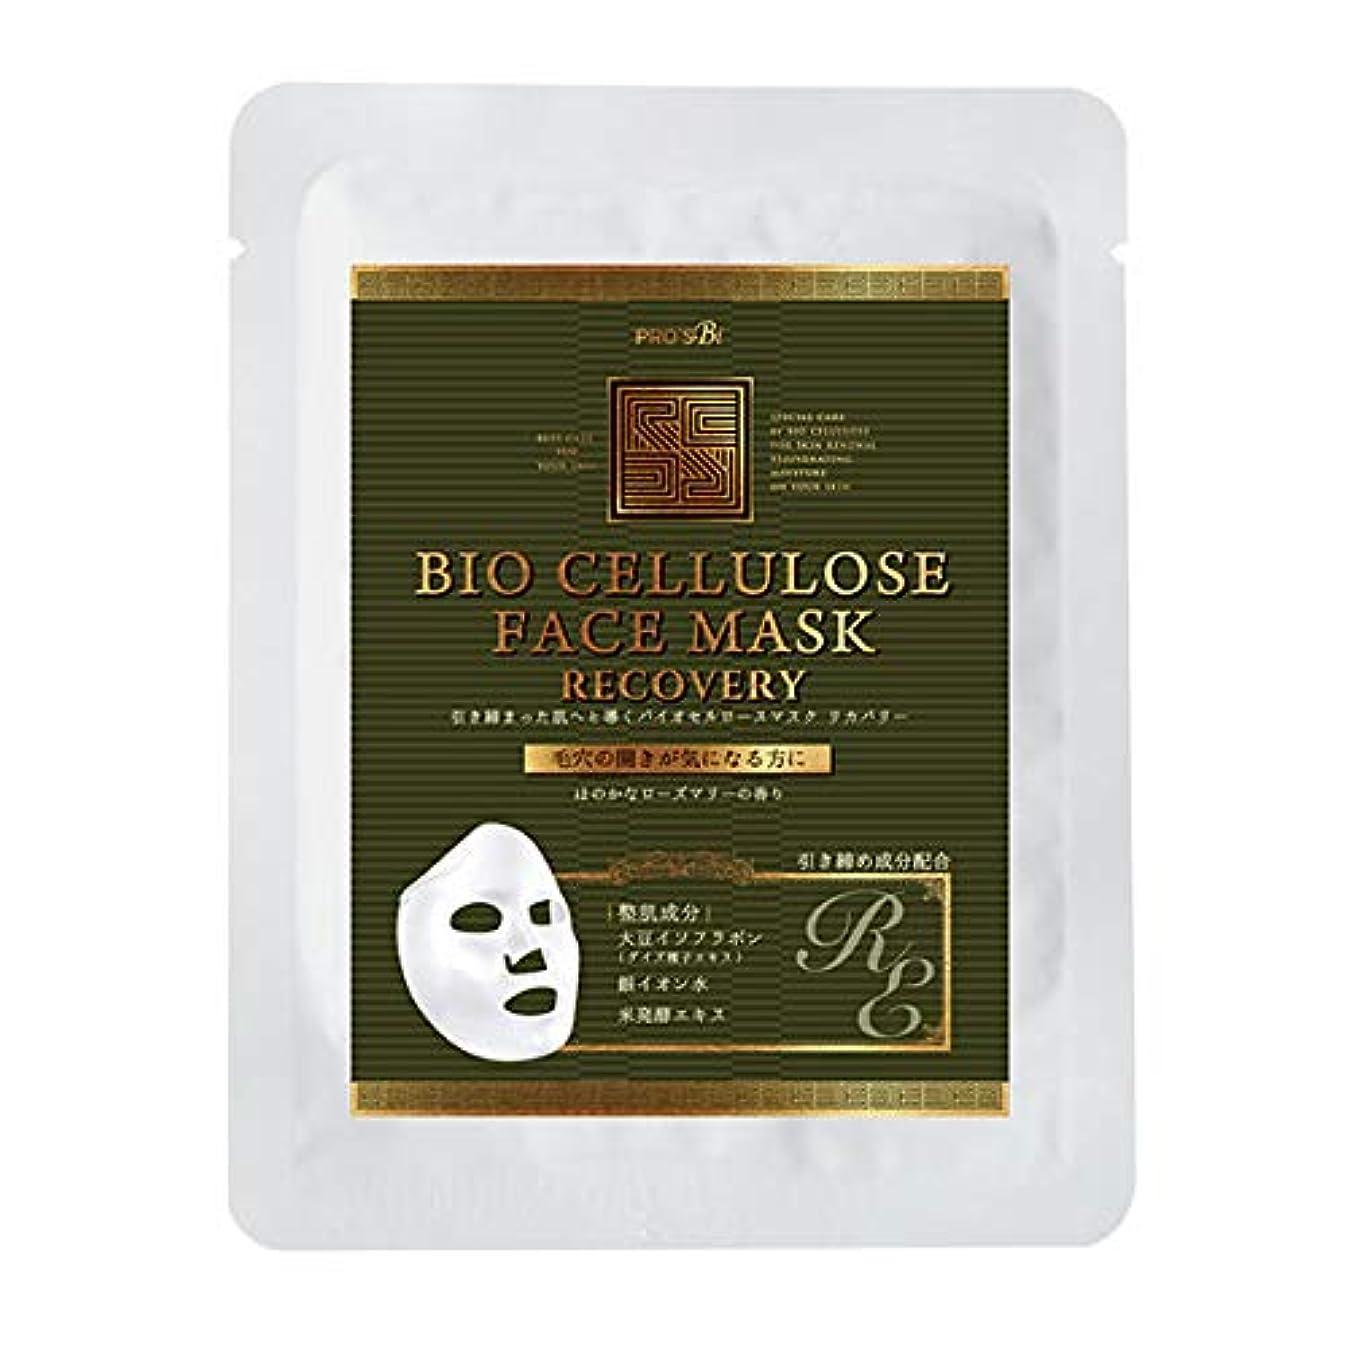 ユニークな個人的にアクチュエータプロズビ バイオセルロースマスク リカバリー (10個セット) [ フェイスマスク フェイスシート フェイスパック フェイシャルマスク シートマスク フェイシャルシート フェイシャルパック ローションマスク ローションパック 顔パック ]